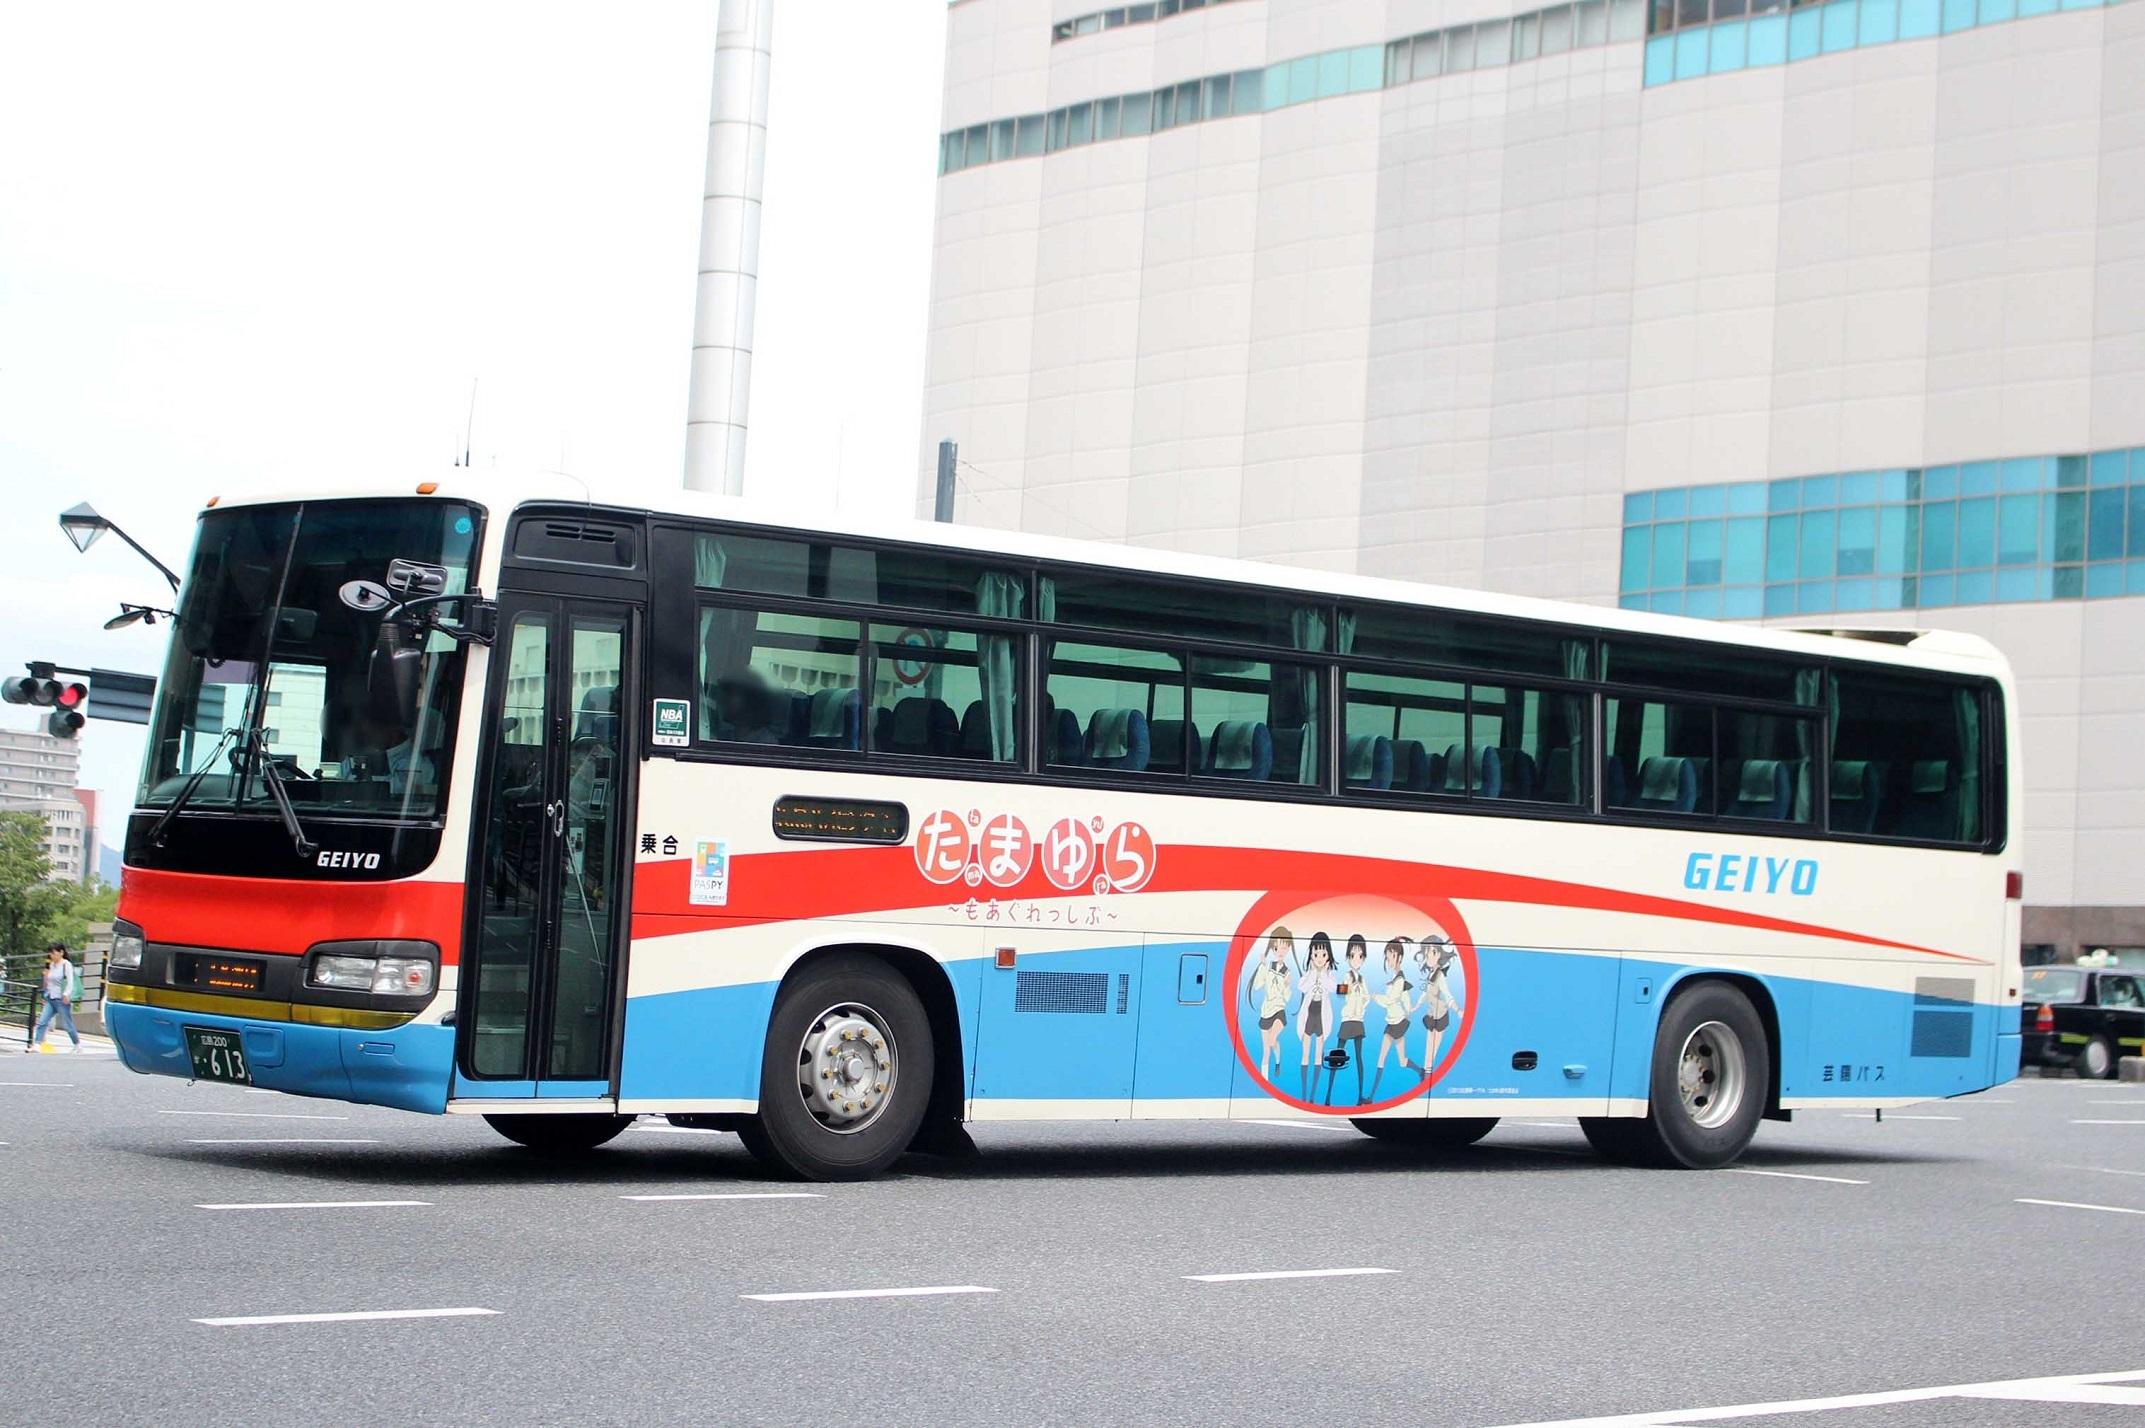 芸陽バス か613